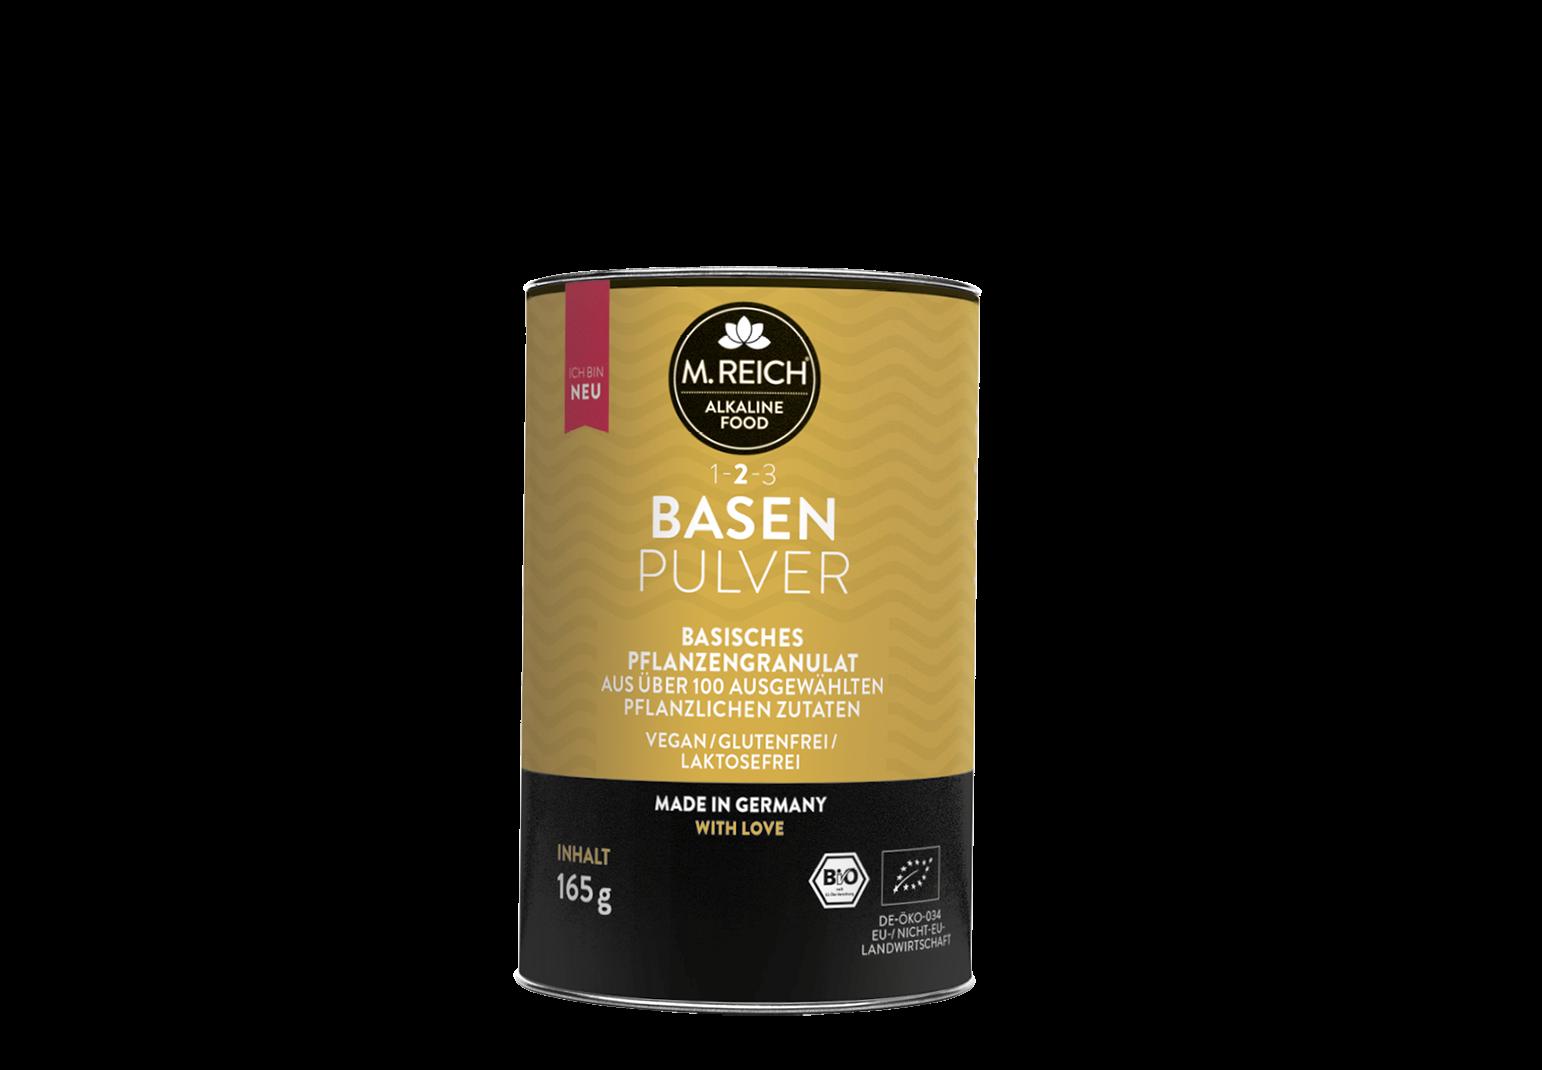 M. Reich BasenPulver mit Auflistung der Produktvorteile.